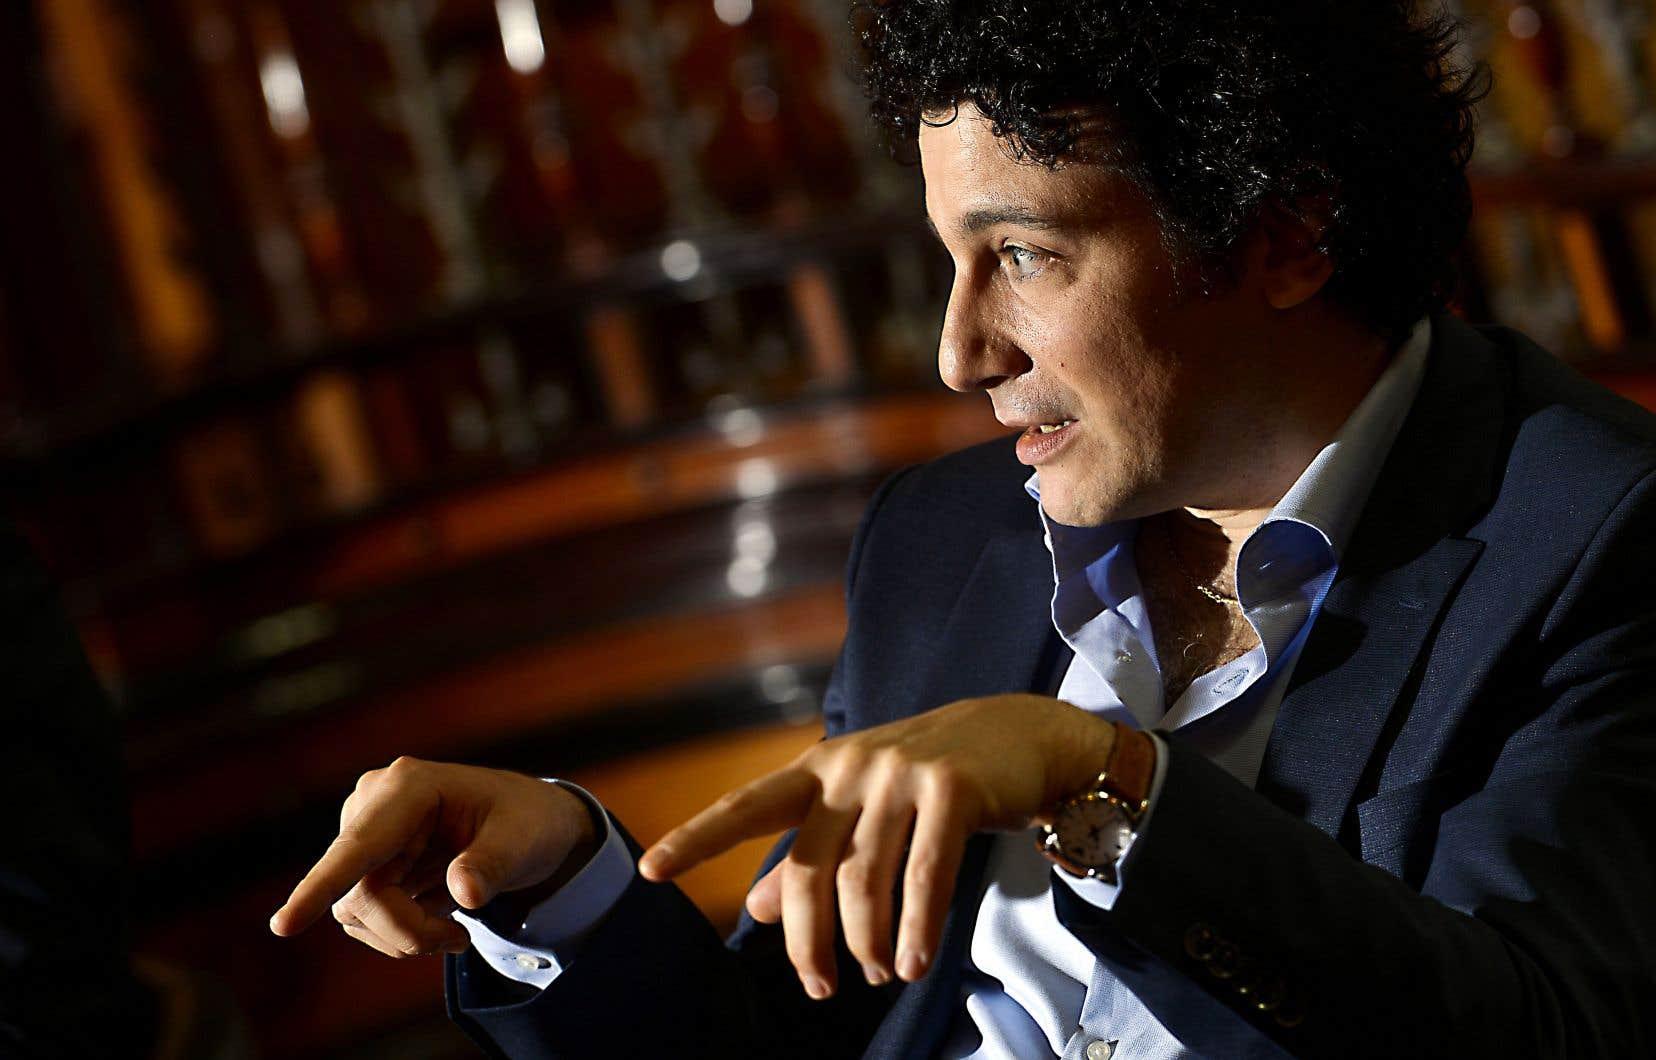 Le programme montréalais d'Alain Altinoglu comporte une originalité: une suite de Pelléas et Mélisande de Debussy.